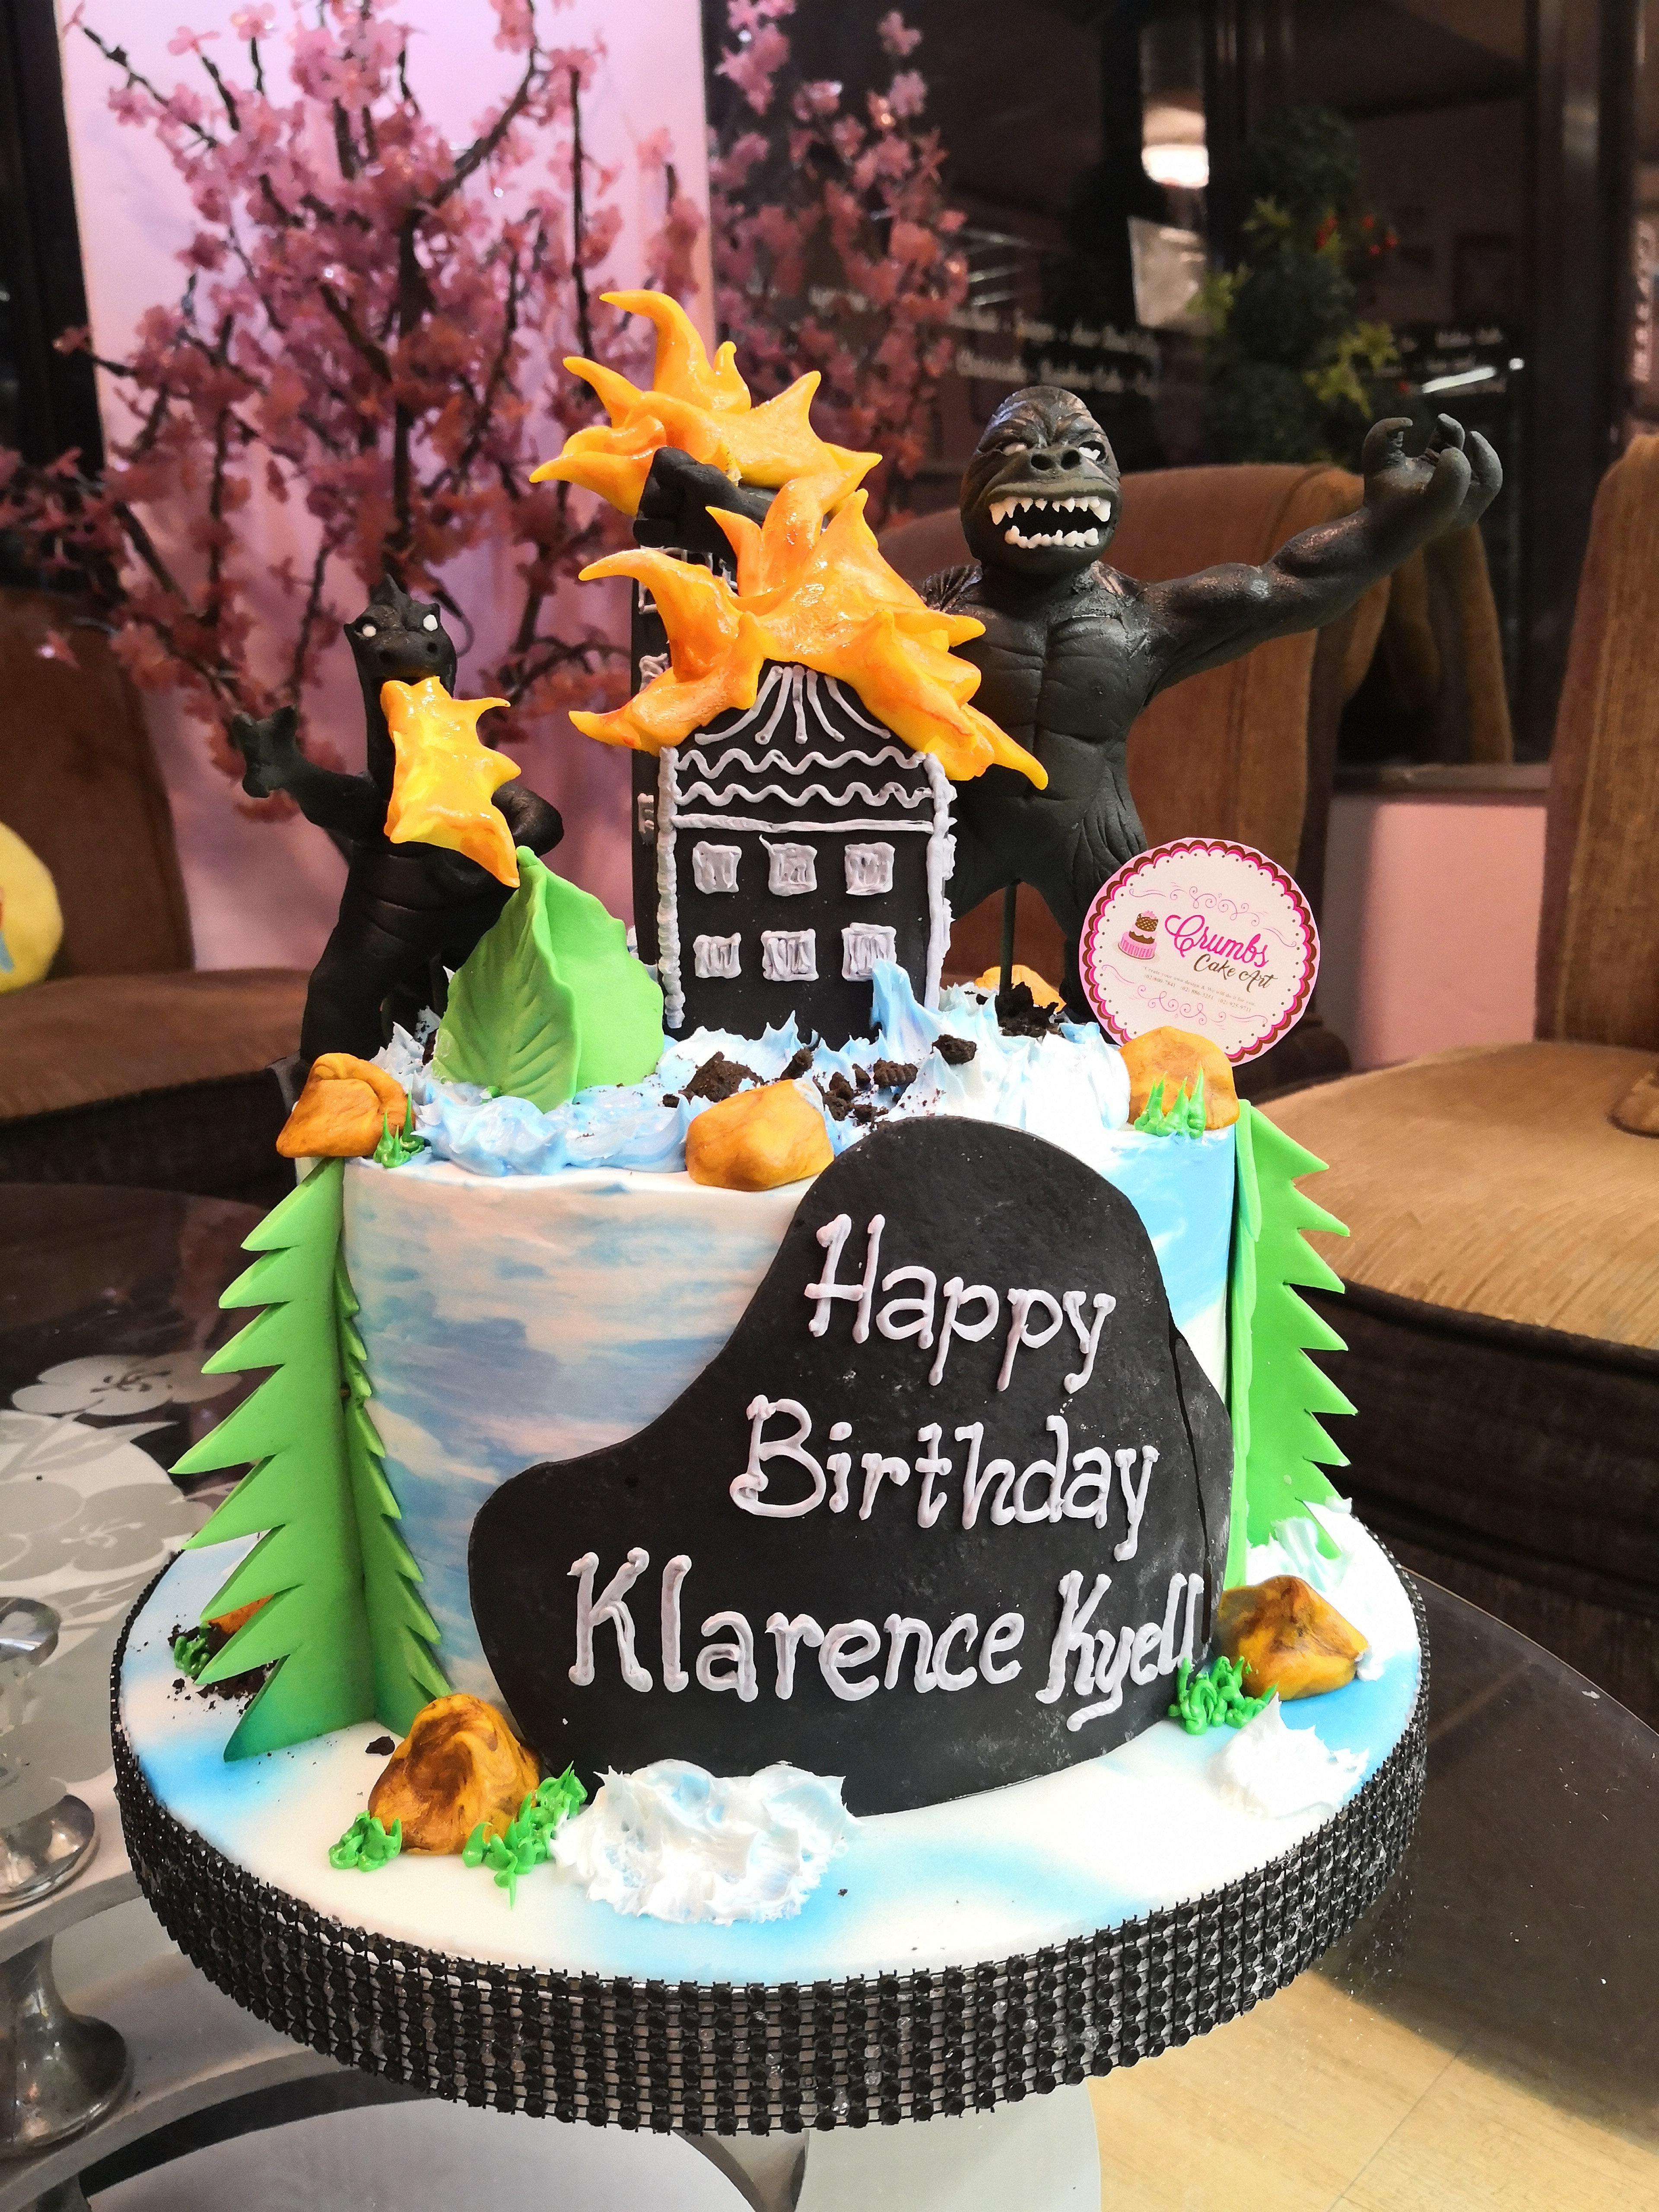 Crumbs cake art birthday cake for girls crumbs cake art birthday cake for girls izmirmasajfo